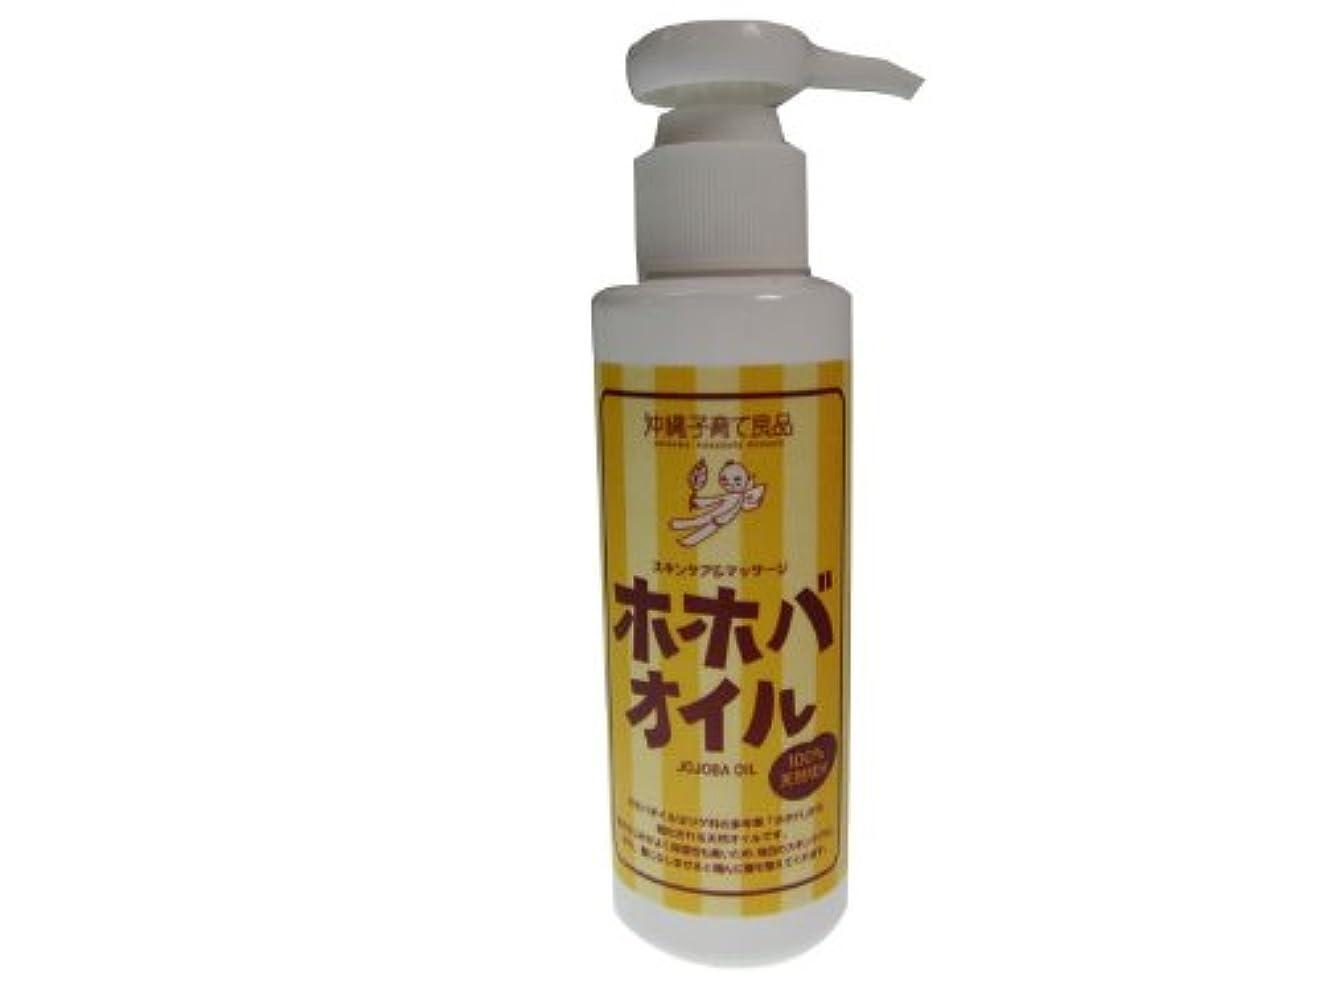 シミュレートする単調な息苦しいホホバオイル/jojoba oil (100ml)